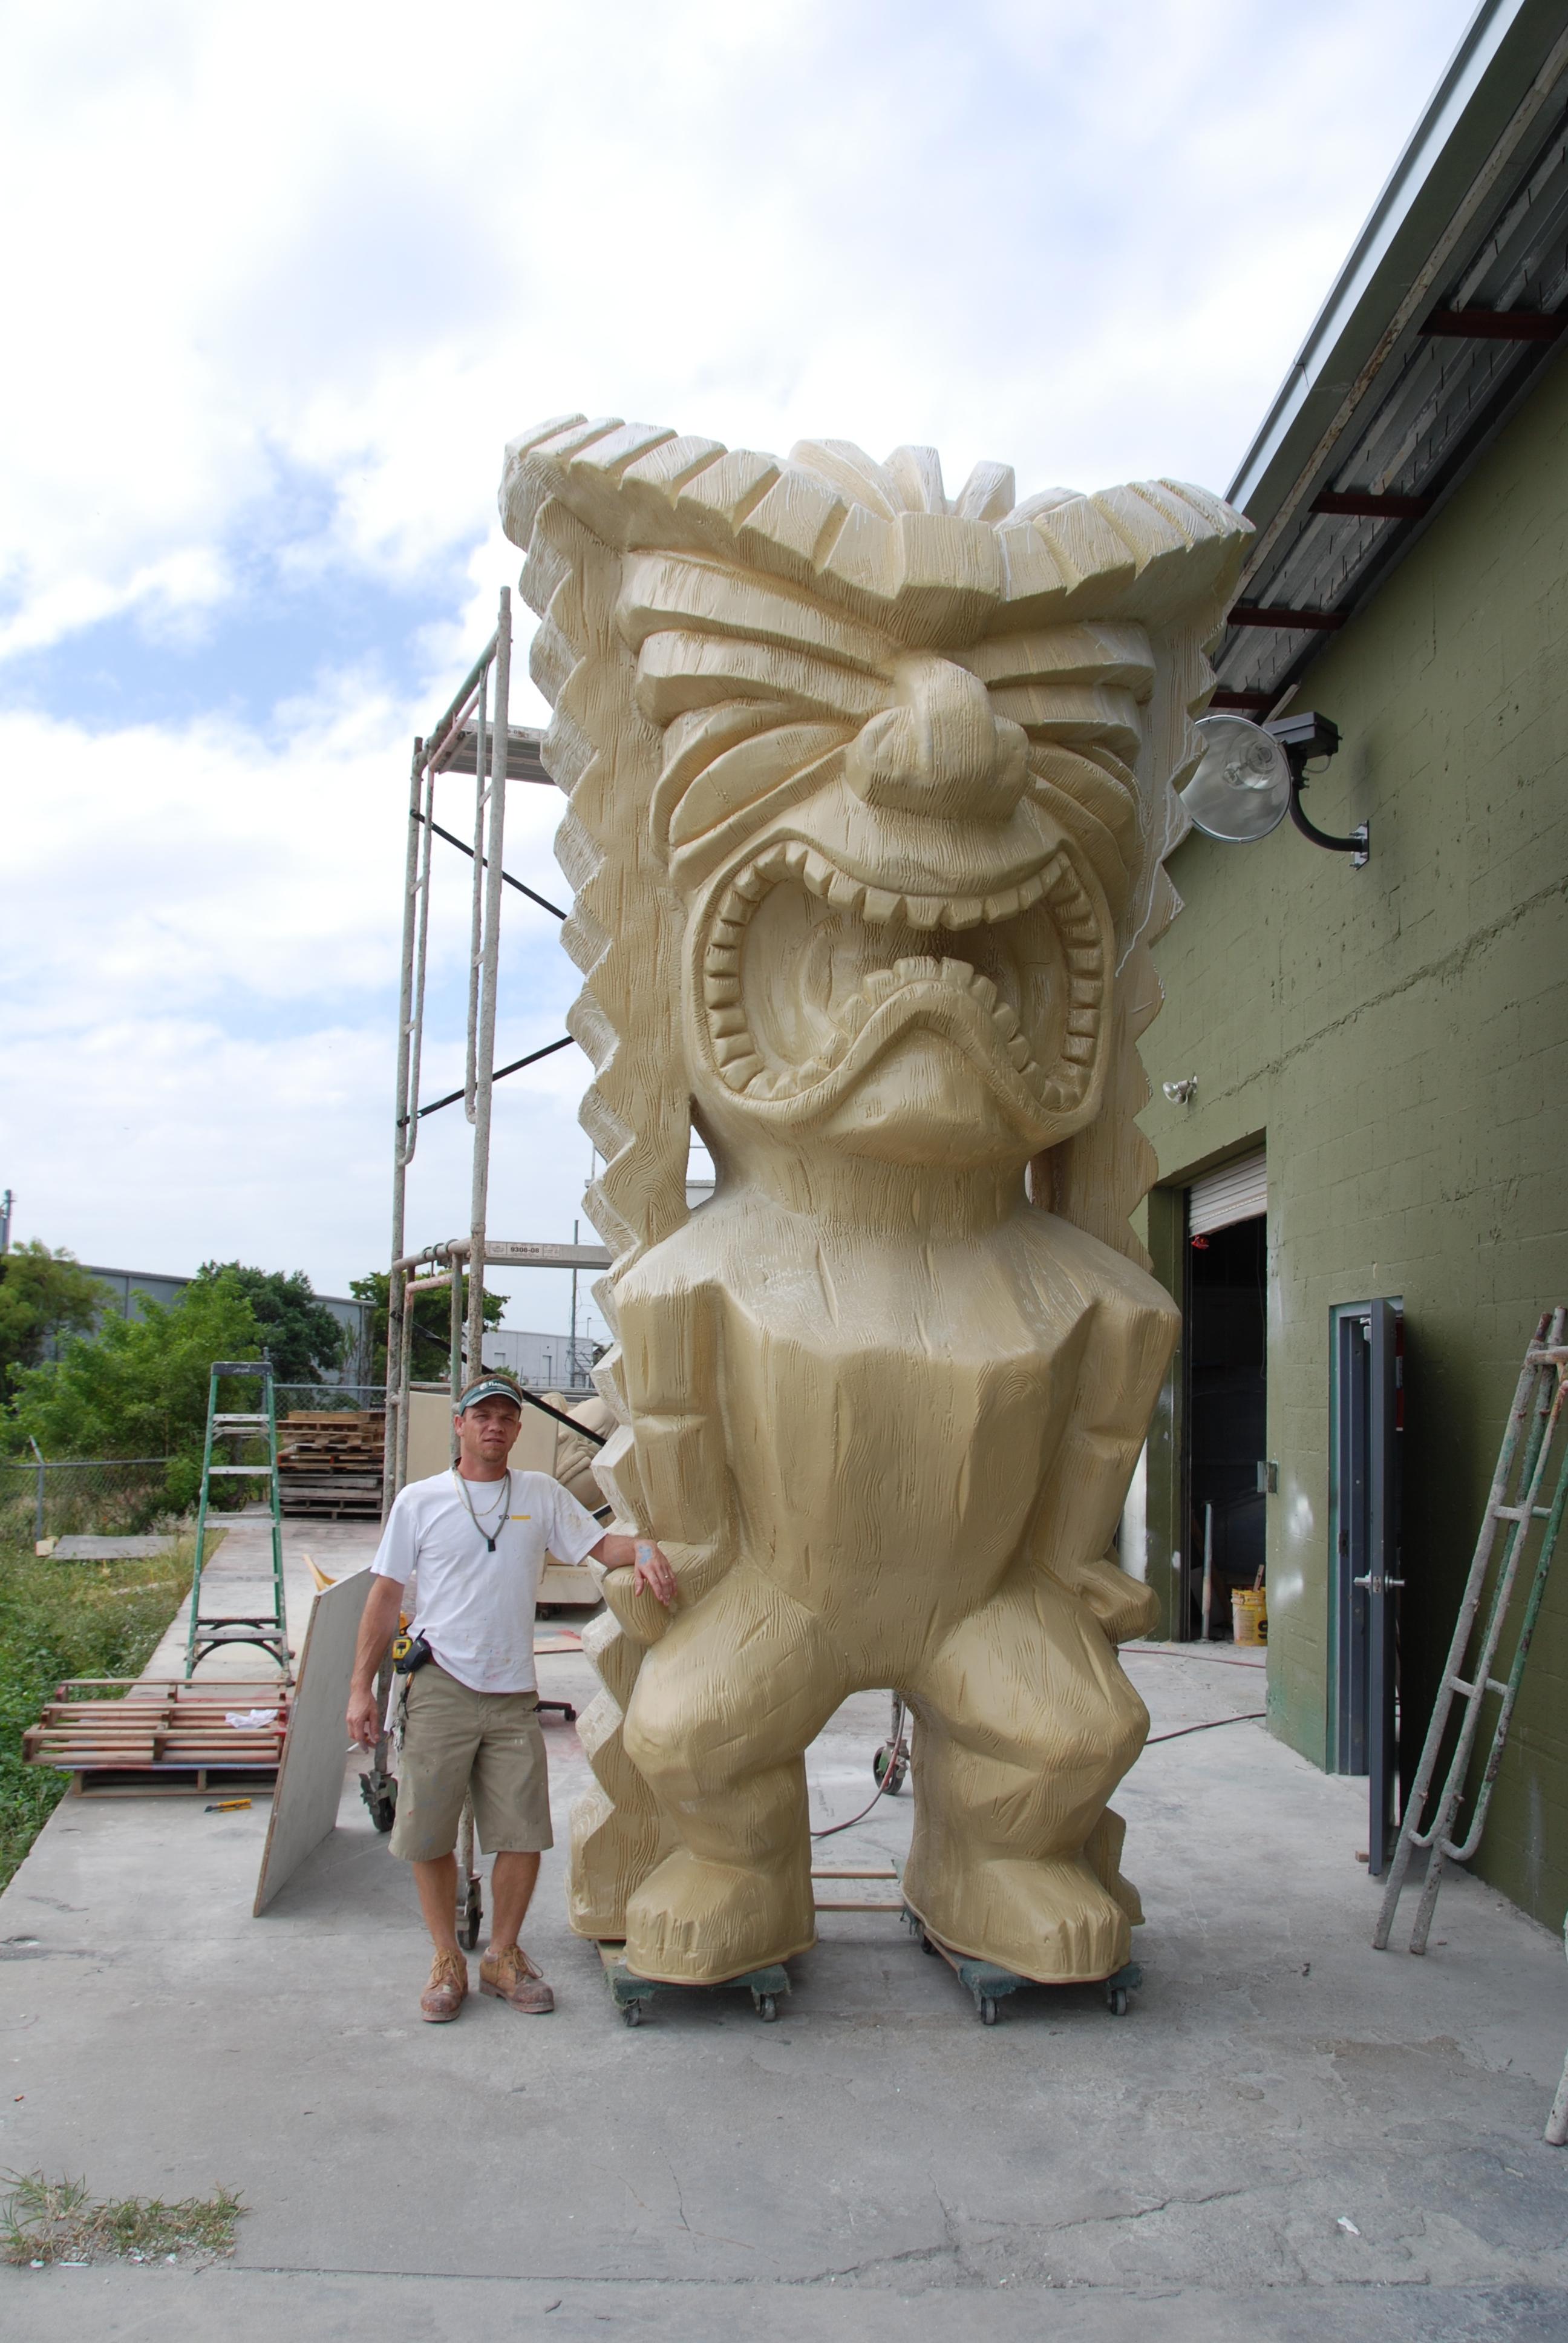 Giant Tiki